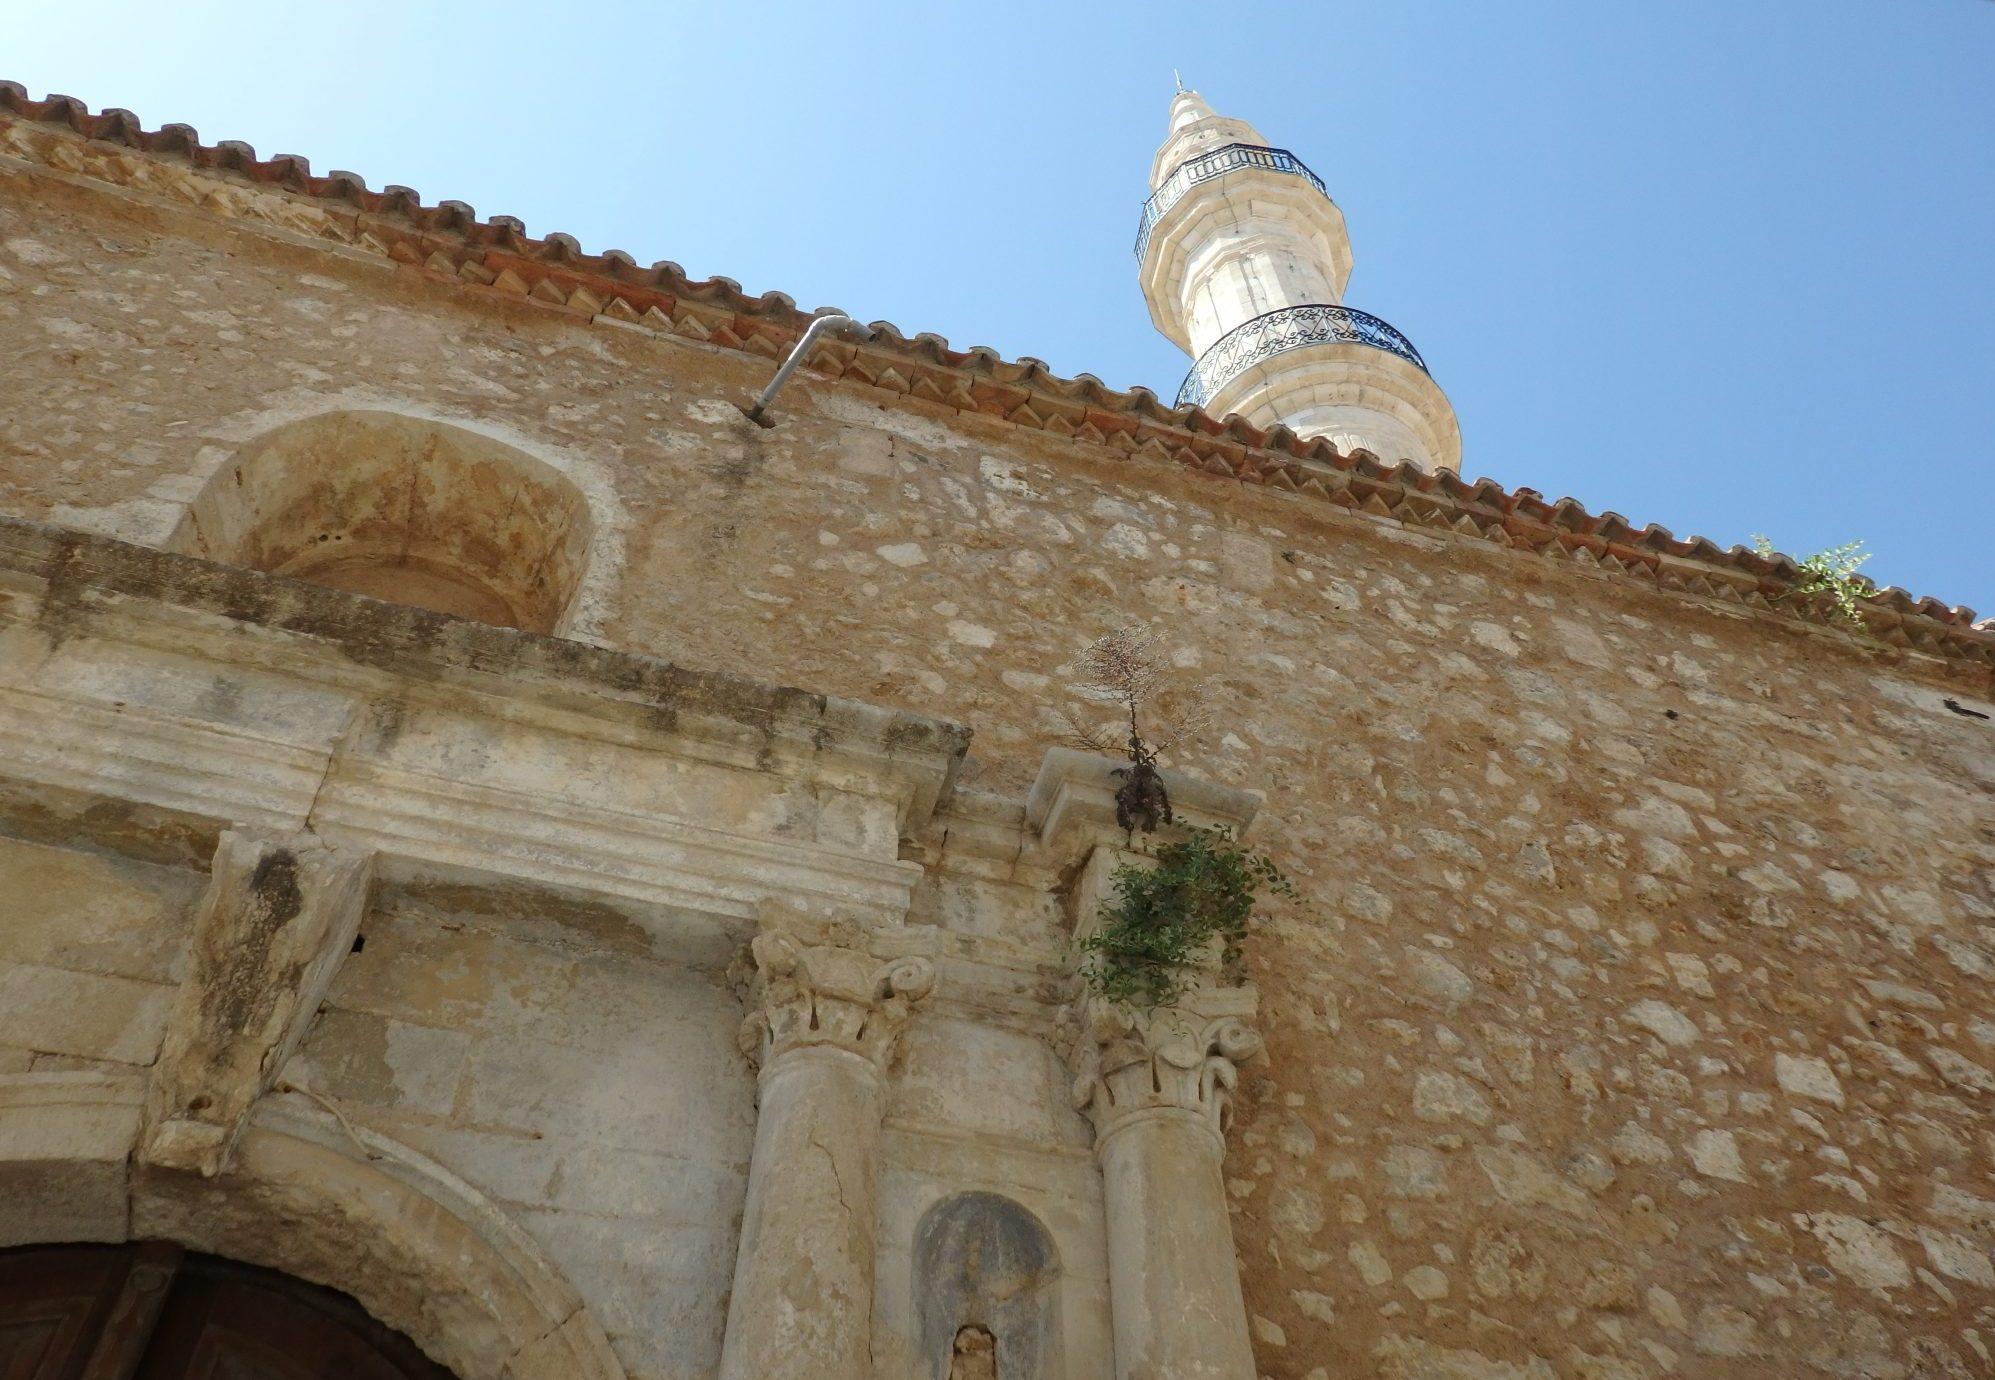 Neratze Mosque in Rethymnon: an original doorway and the restored minaret